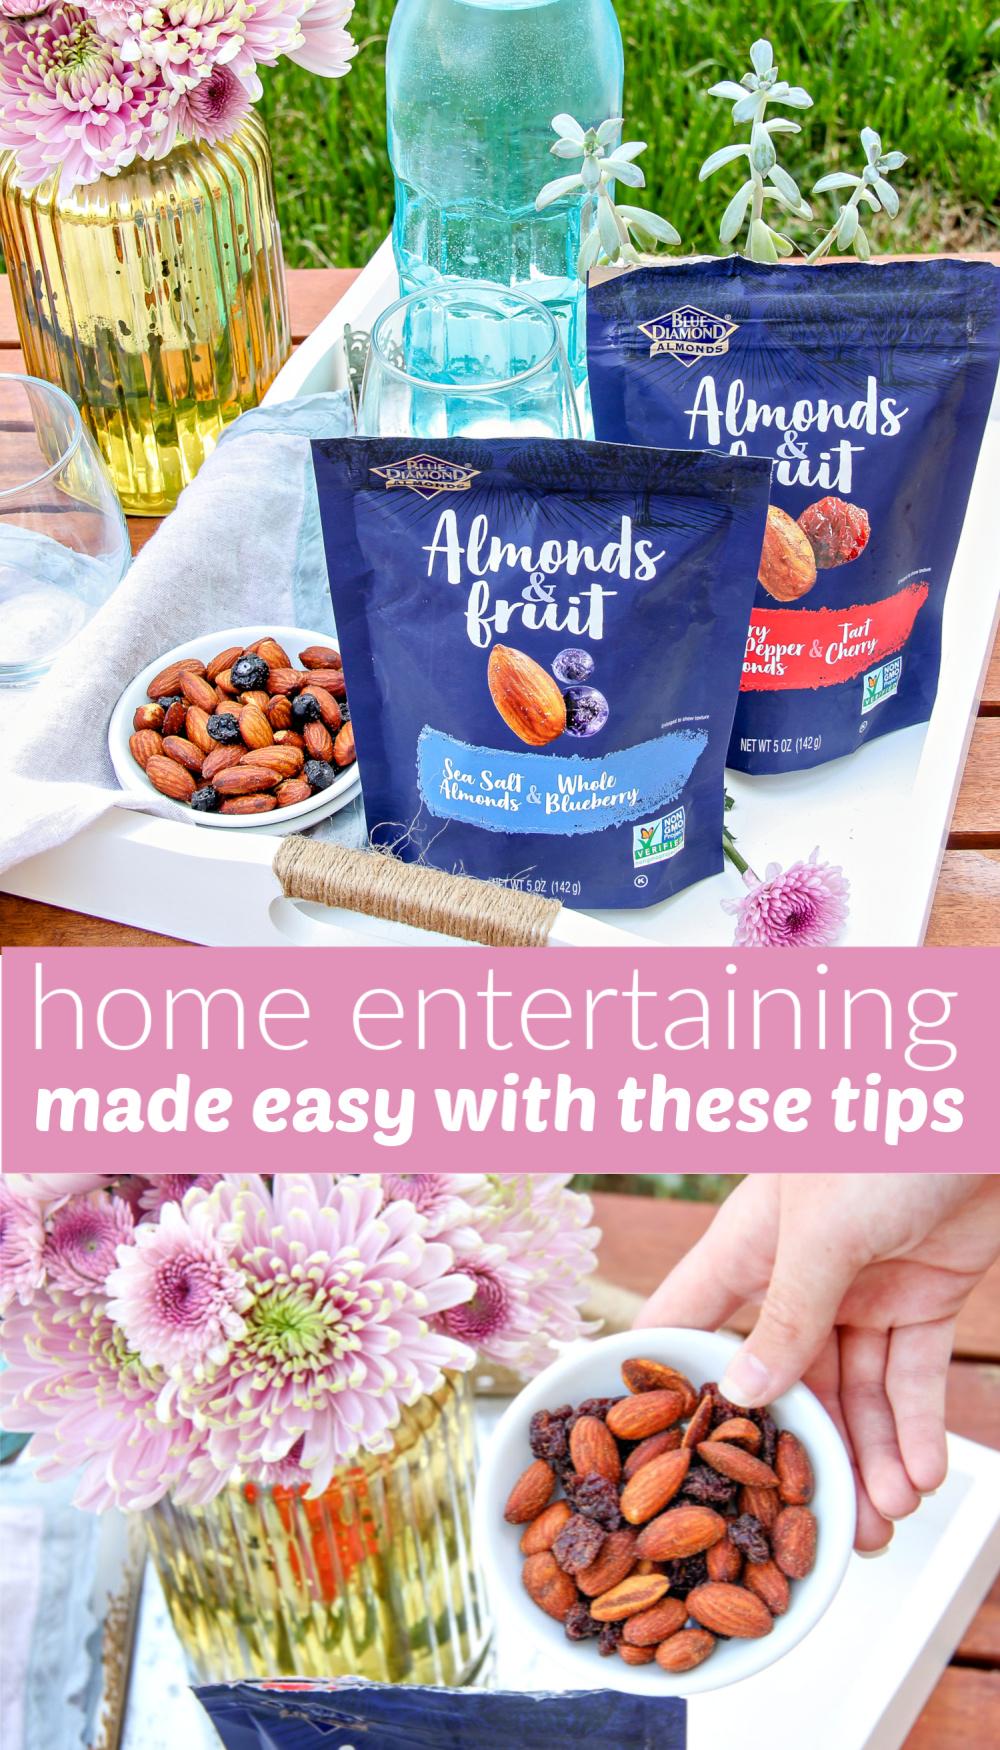 Home entertaining tips Pinterest image